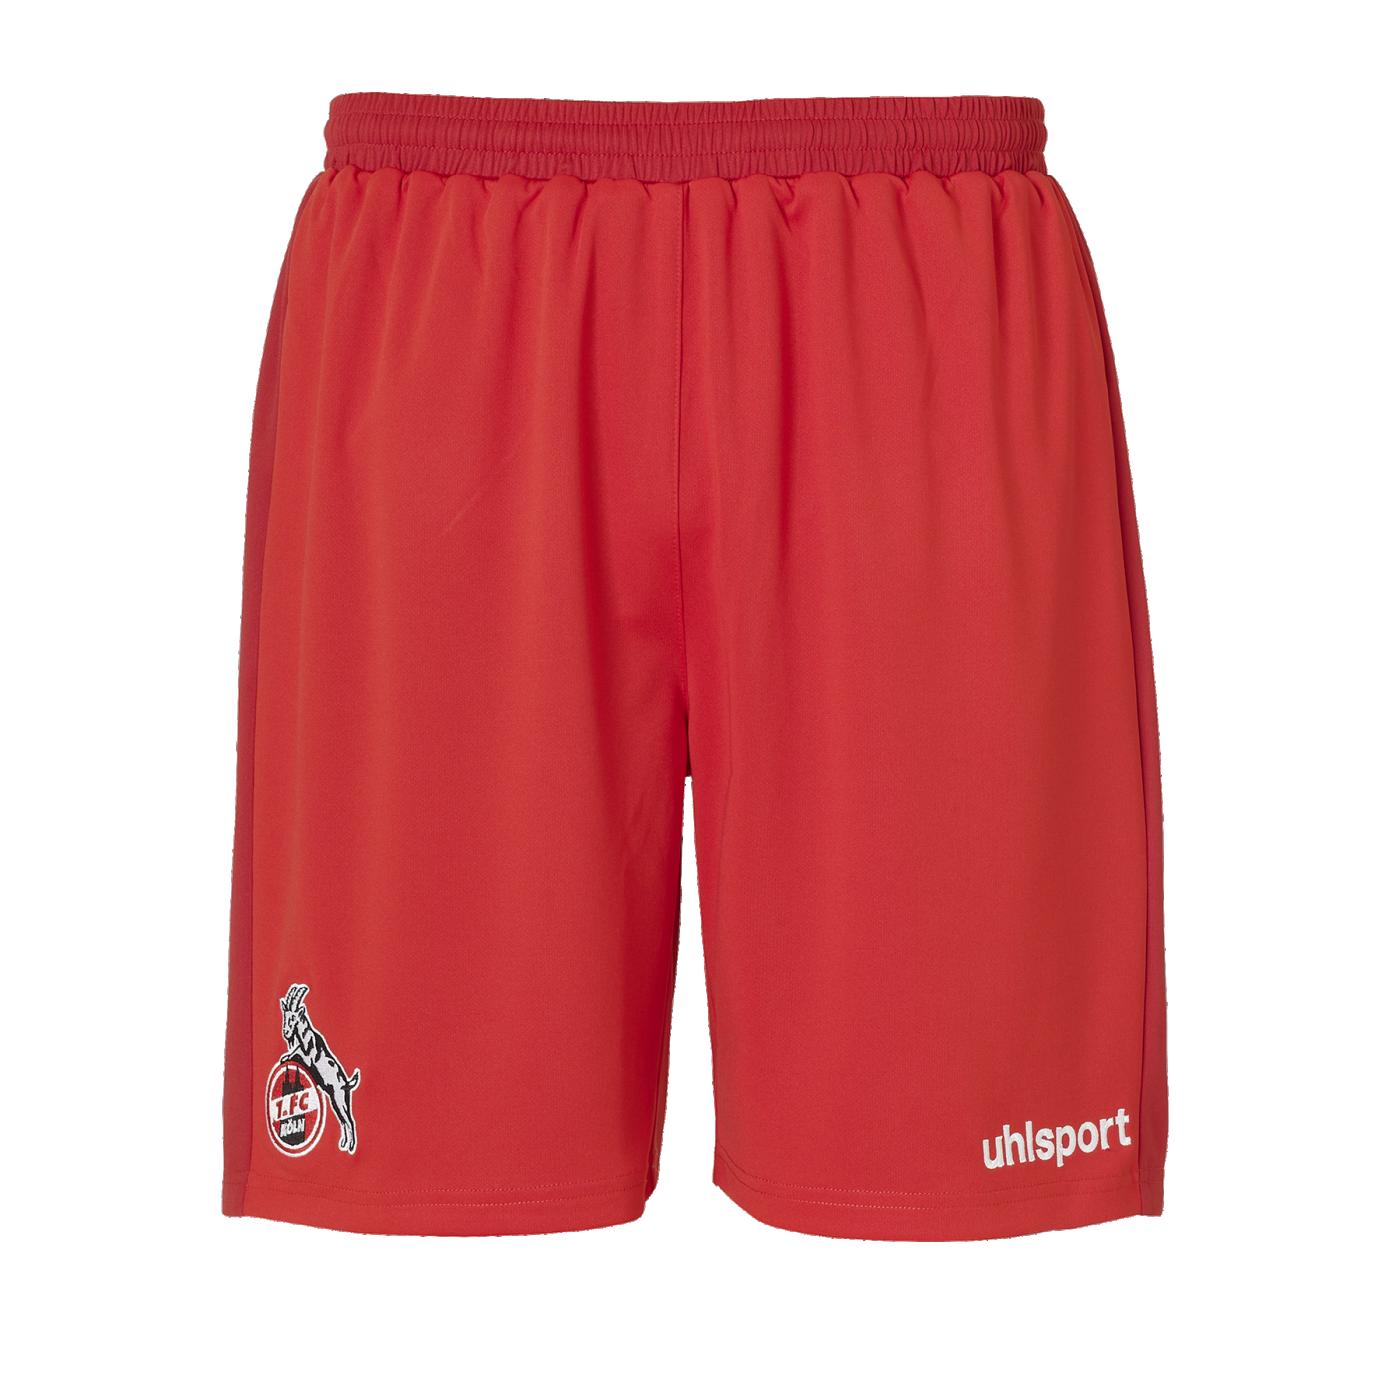 Uhlsport 1. FC Köln Short Away 2019/2020 Rot - rot